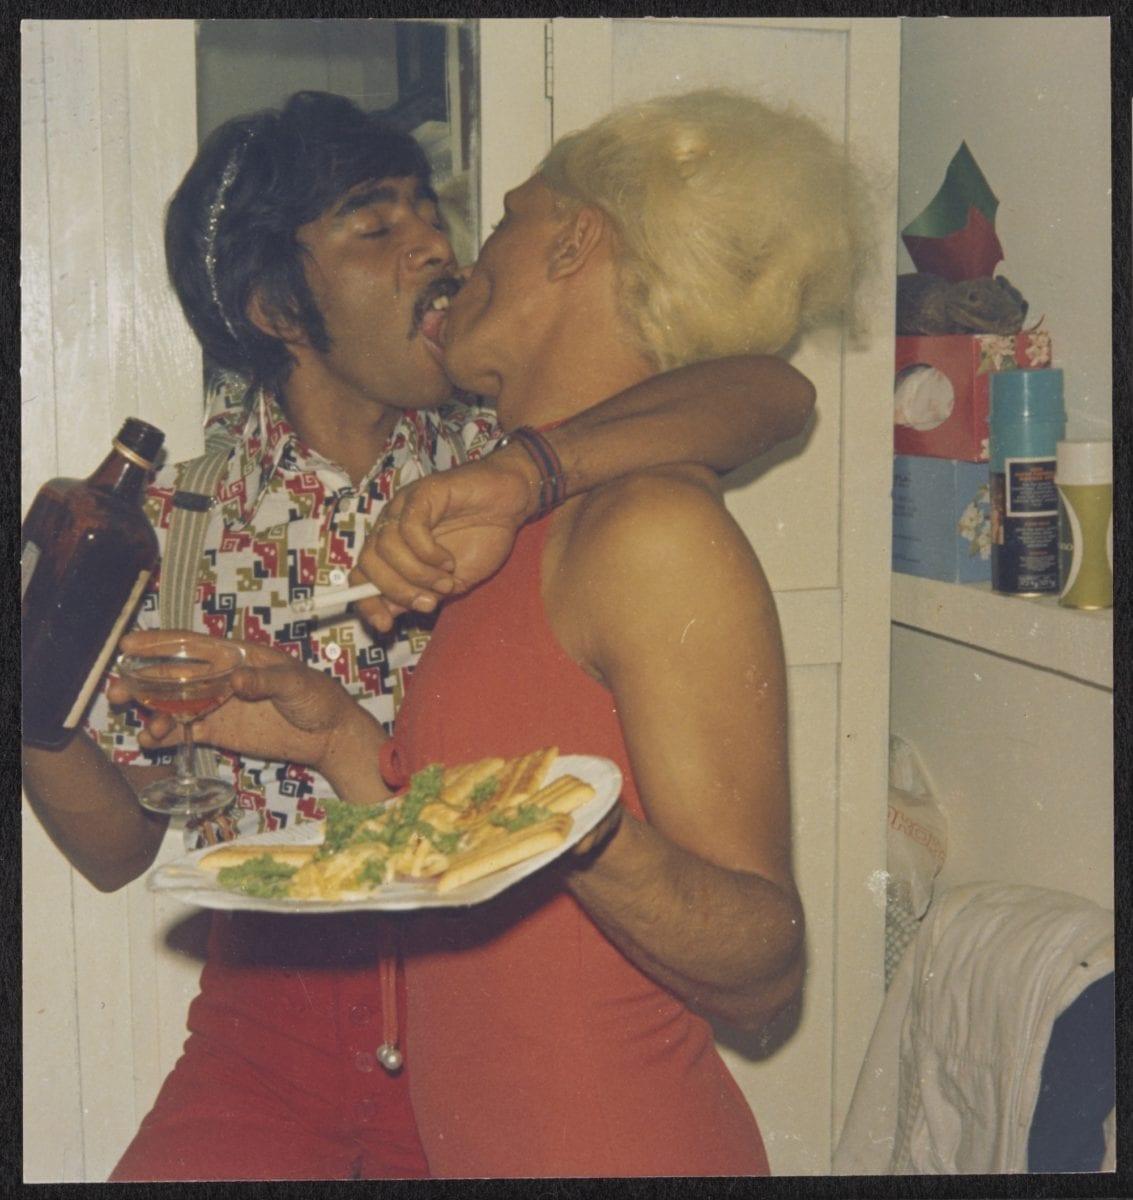 Brian and Kewpie in Kewpie's bedroom, circa 1960 to 1985